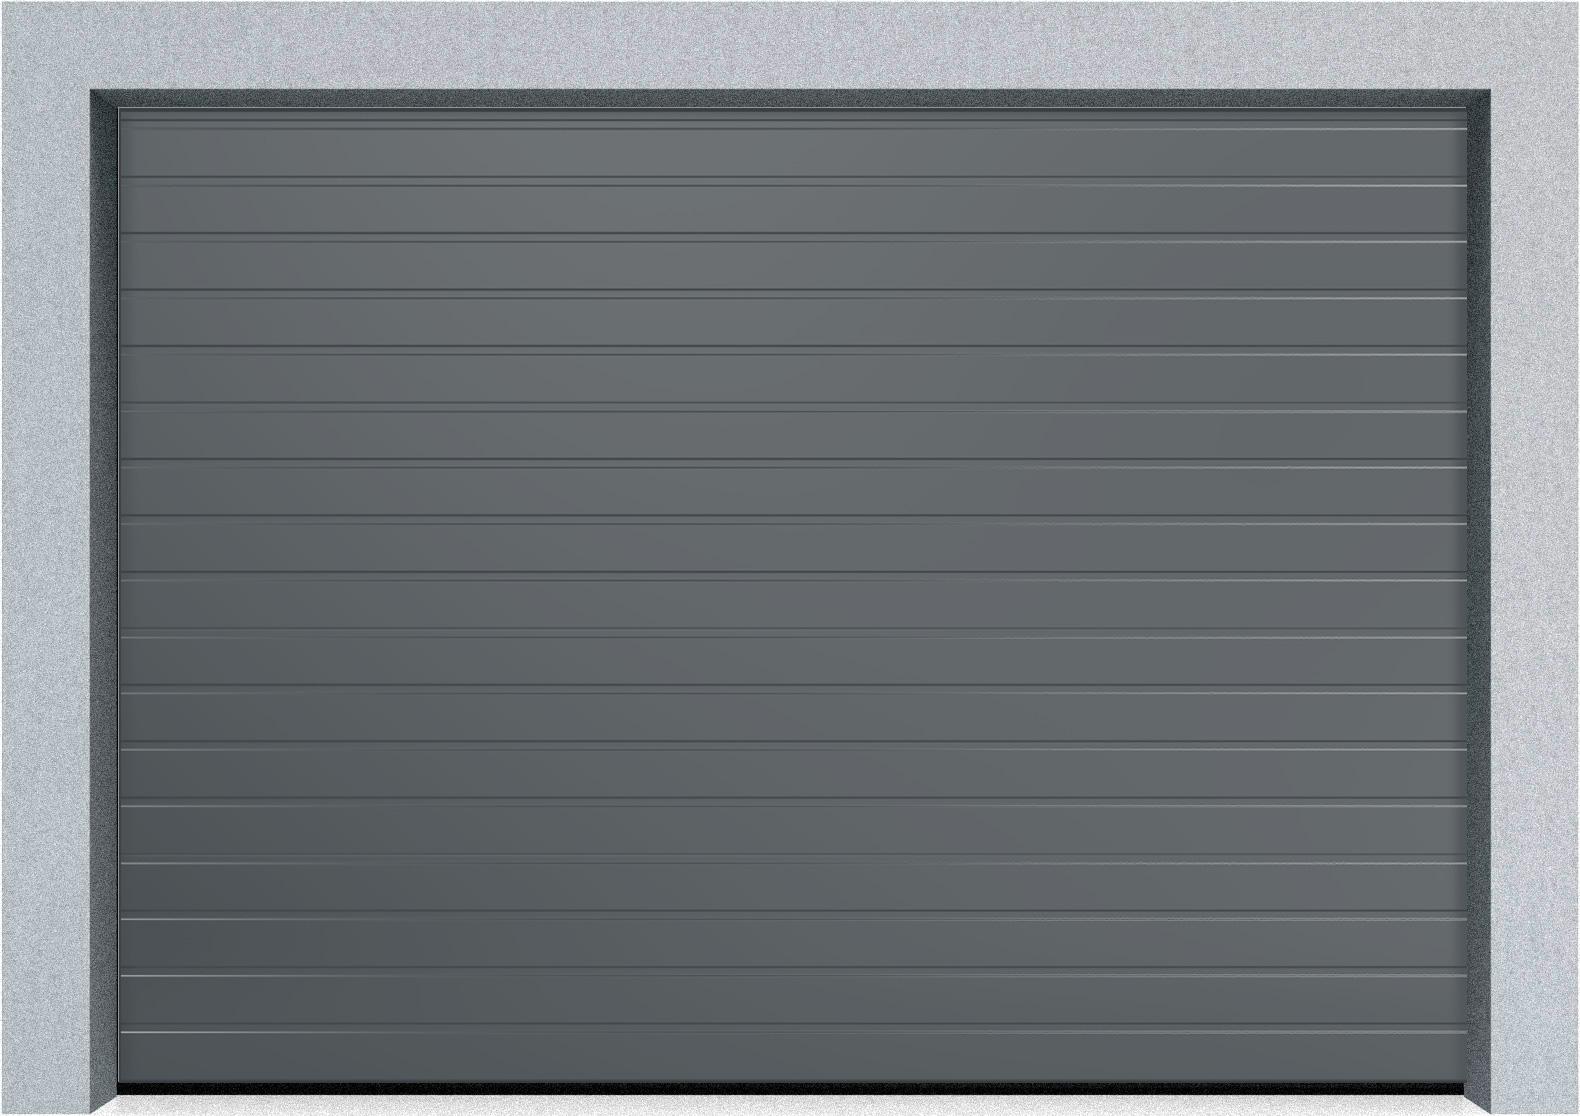 Секционные промышленные ворота Alutech ProTrend 2500х2000 S-гофр, Микроволна стандартные цвета, фото 9